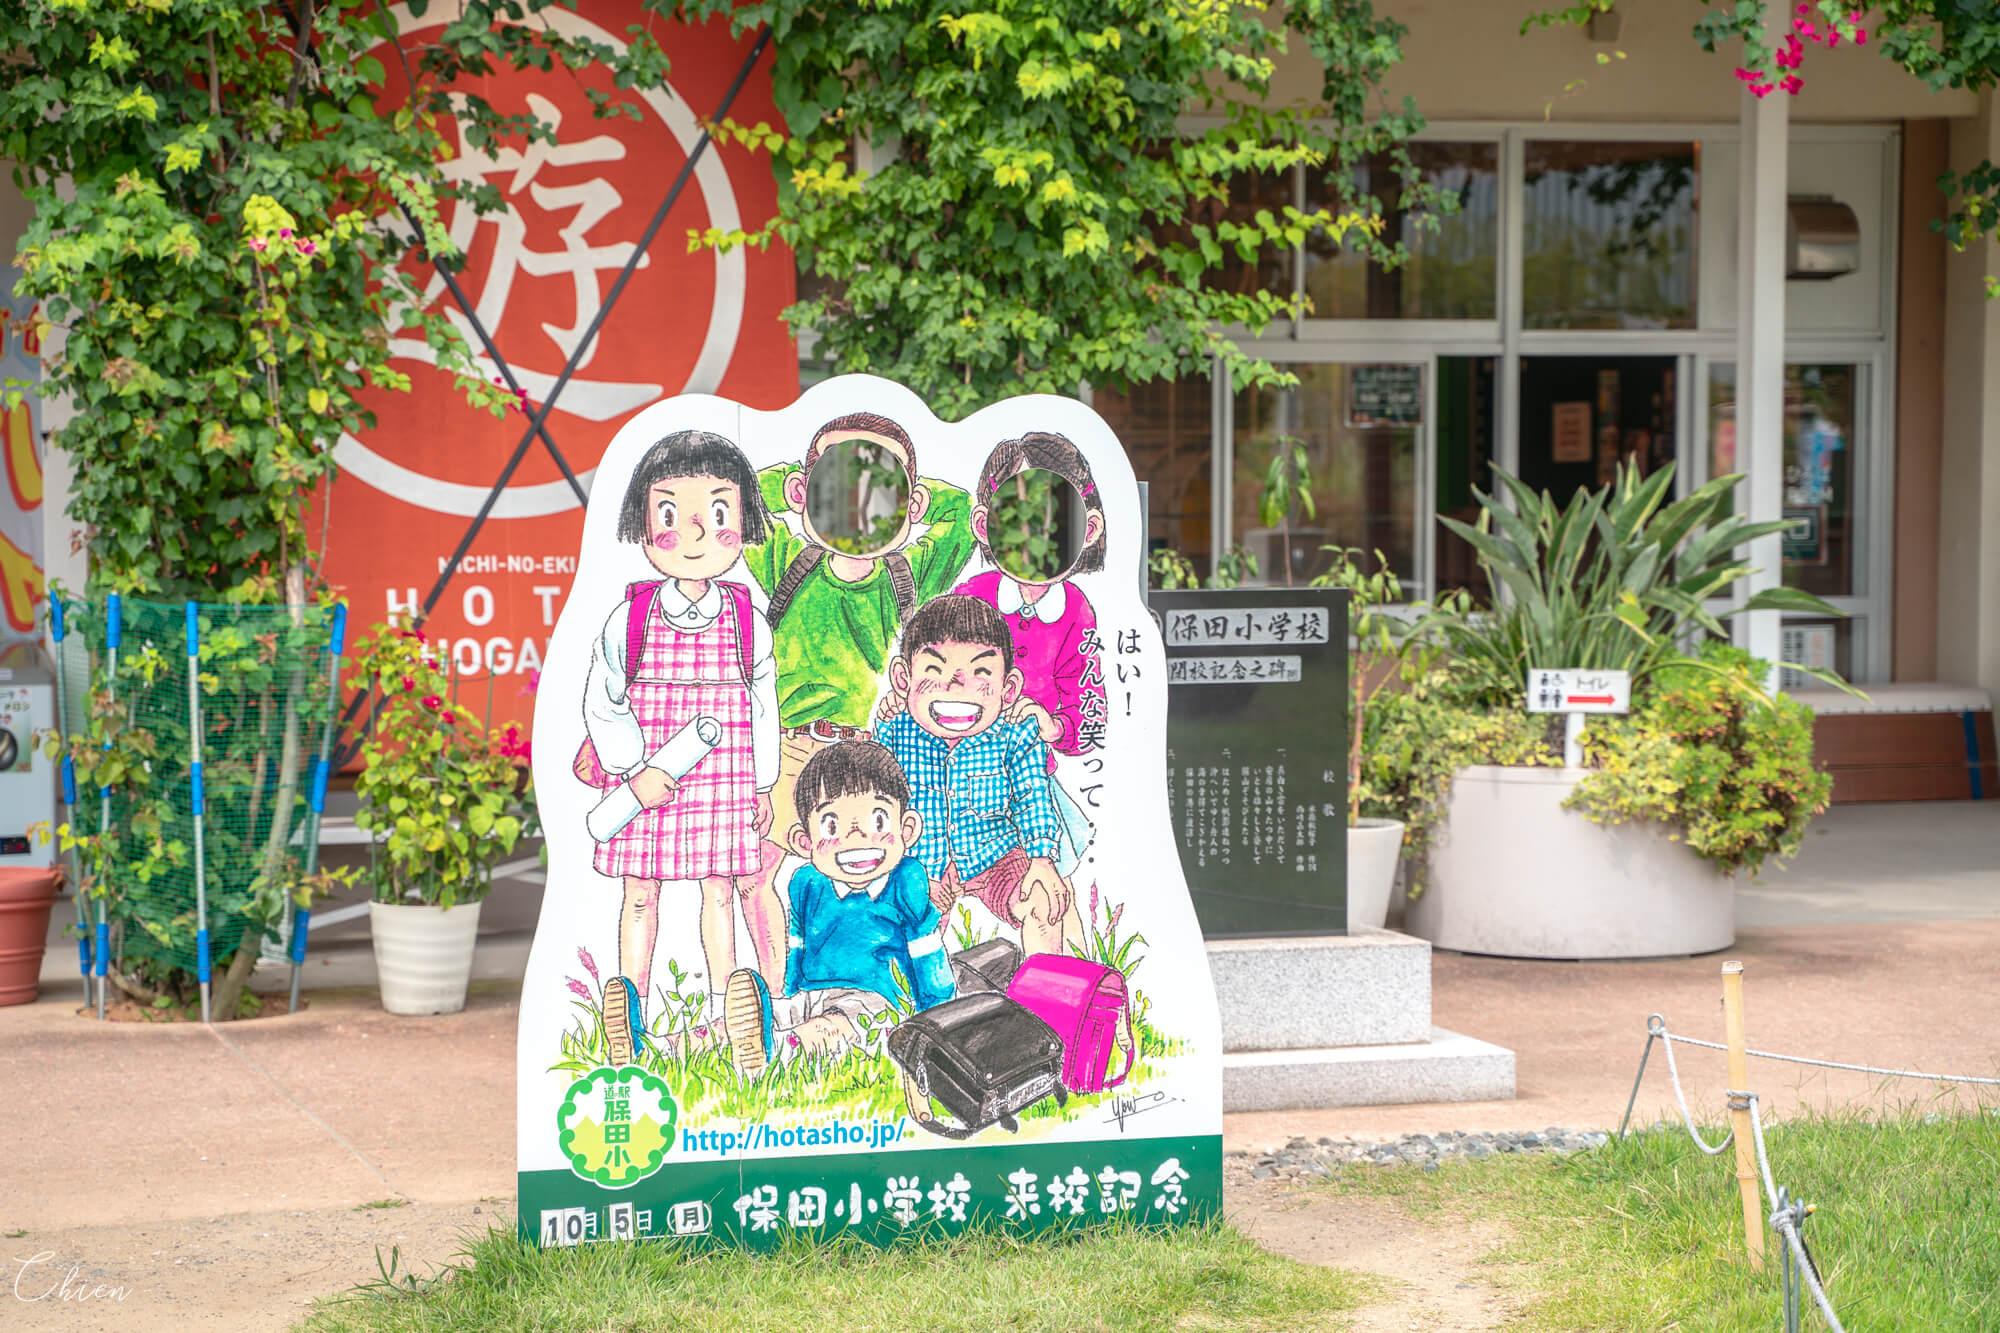 千葉觀光休息站「保田小學」